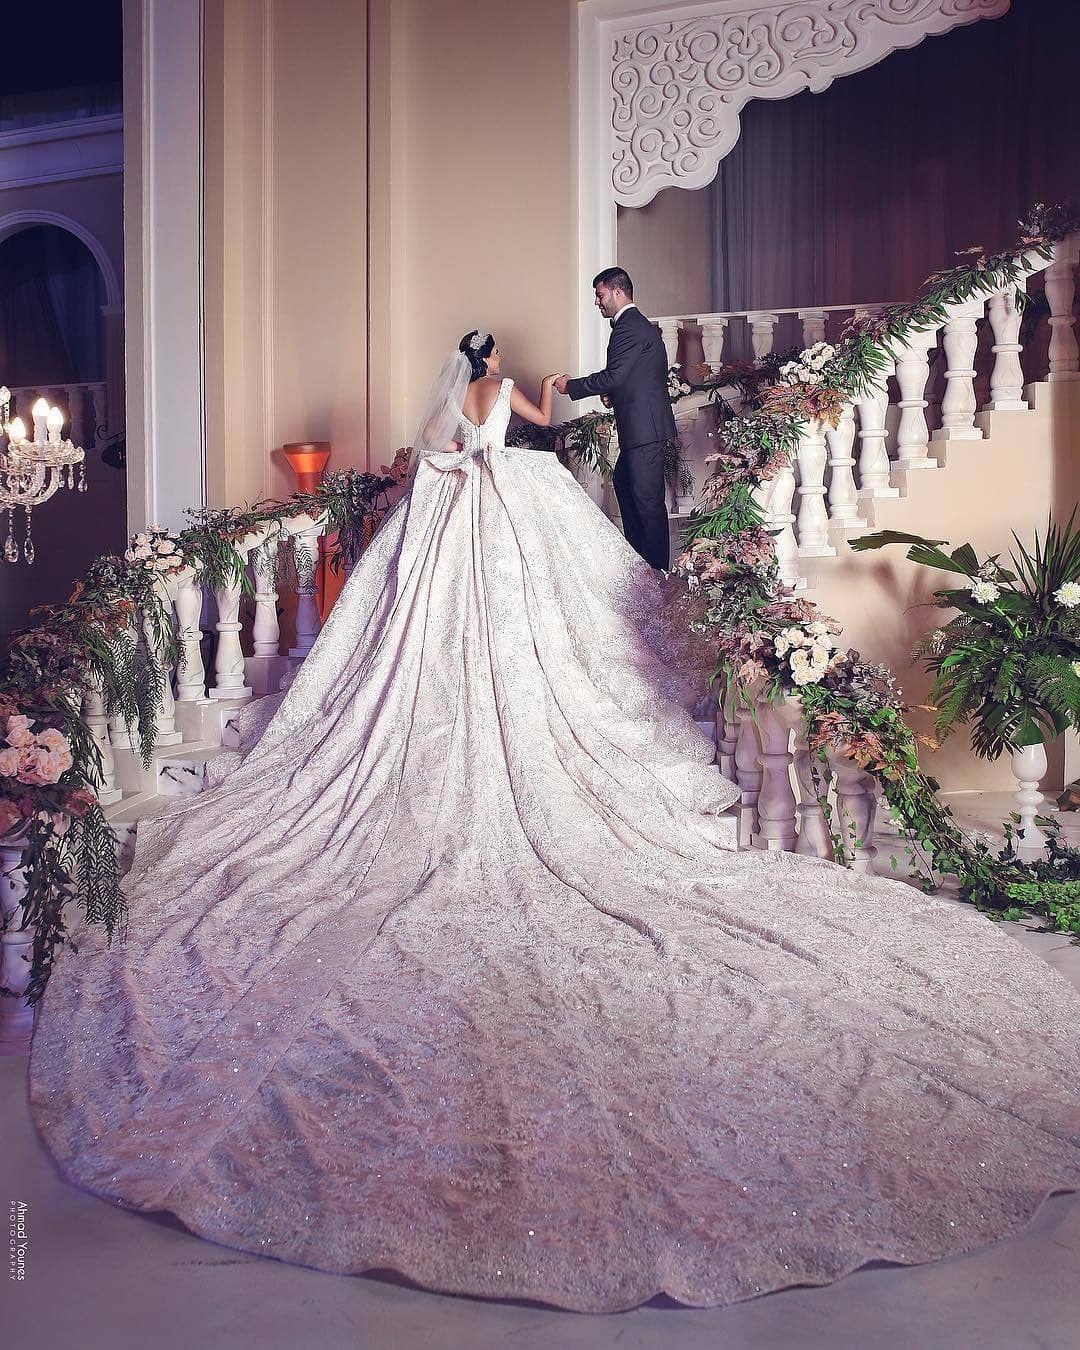 панорамными окнами самые шикарные и дорогие свадебные платья фото как тесто